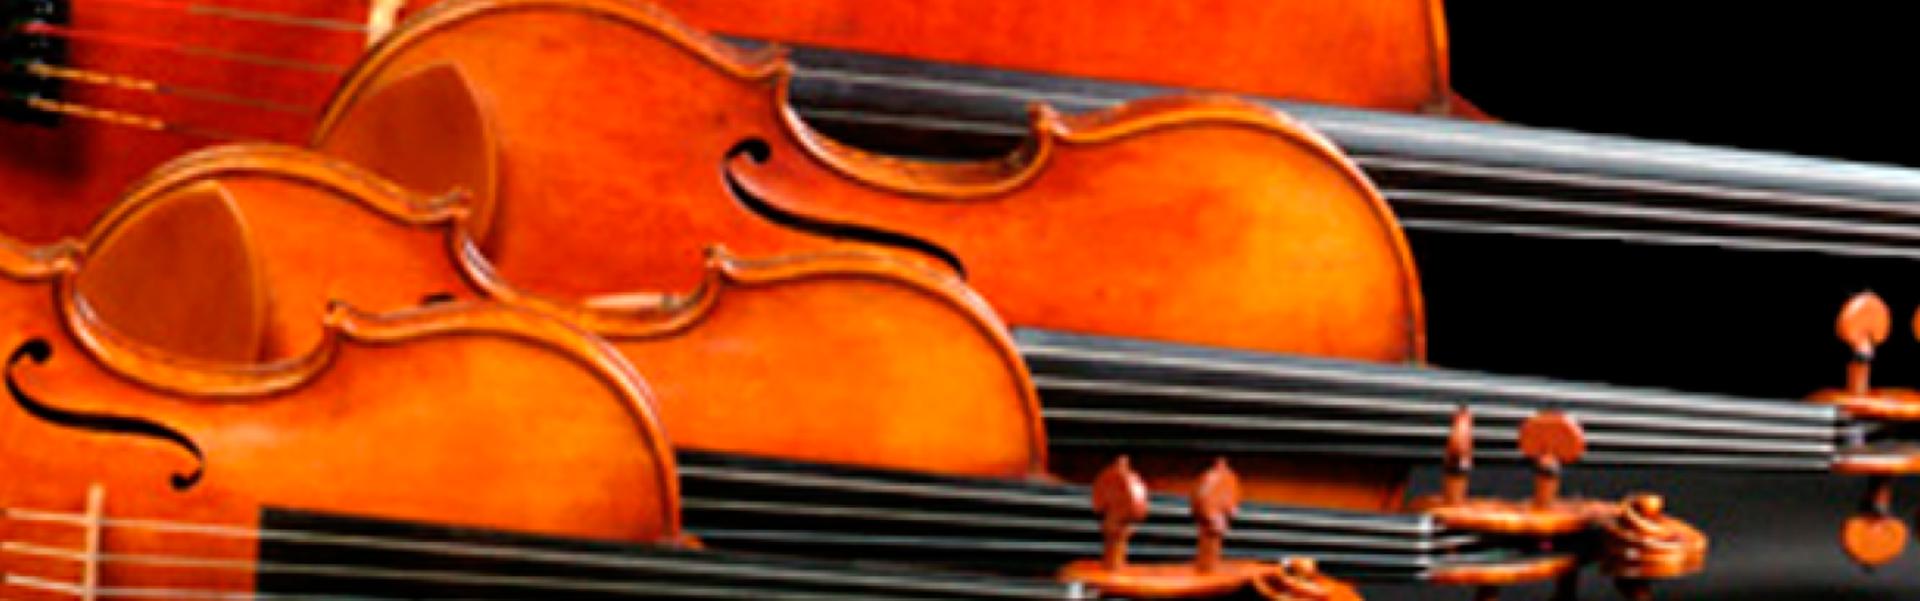 Cenitt String Quartet. Cuarteto de cuerda